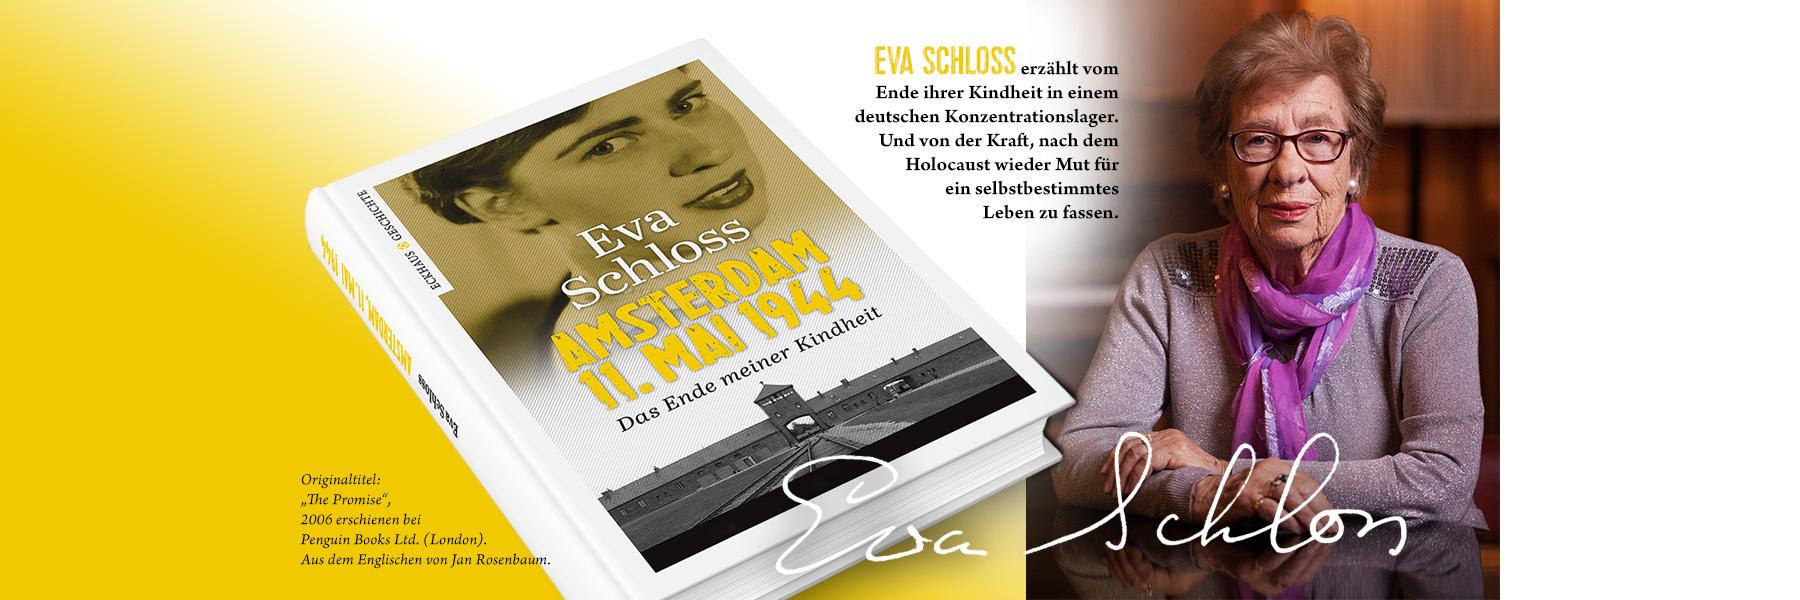 Buchcover Amsterdam, 11. Mai 1944 und Bild von Eva Schloss